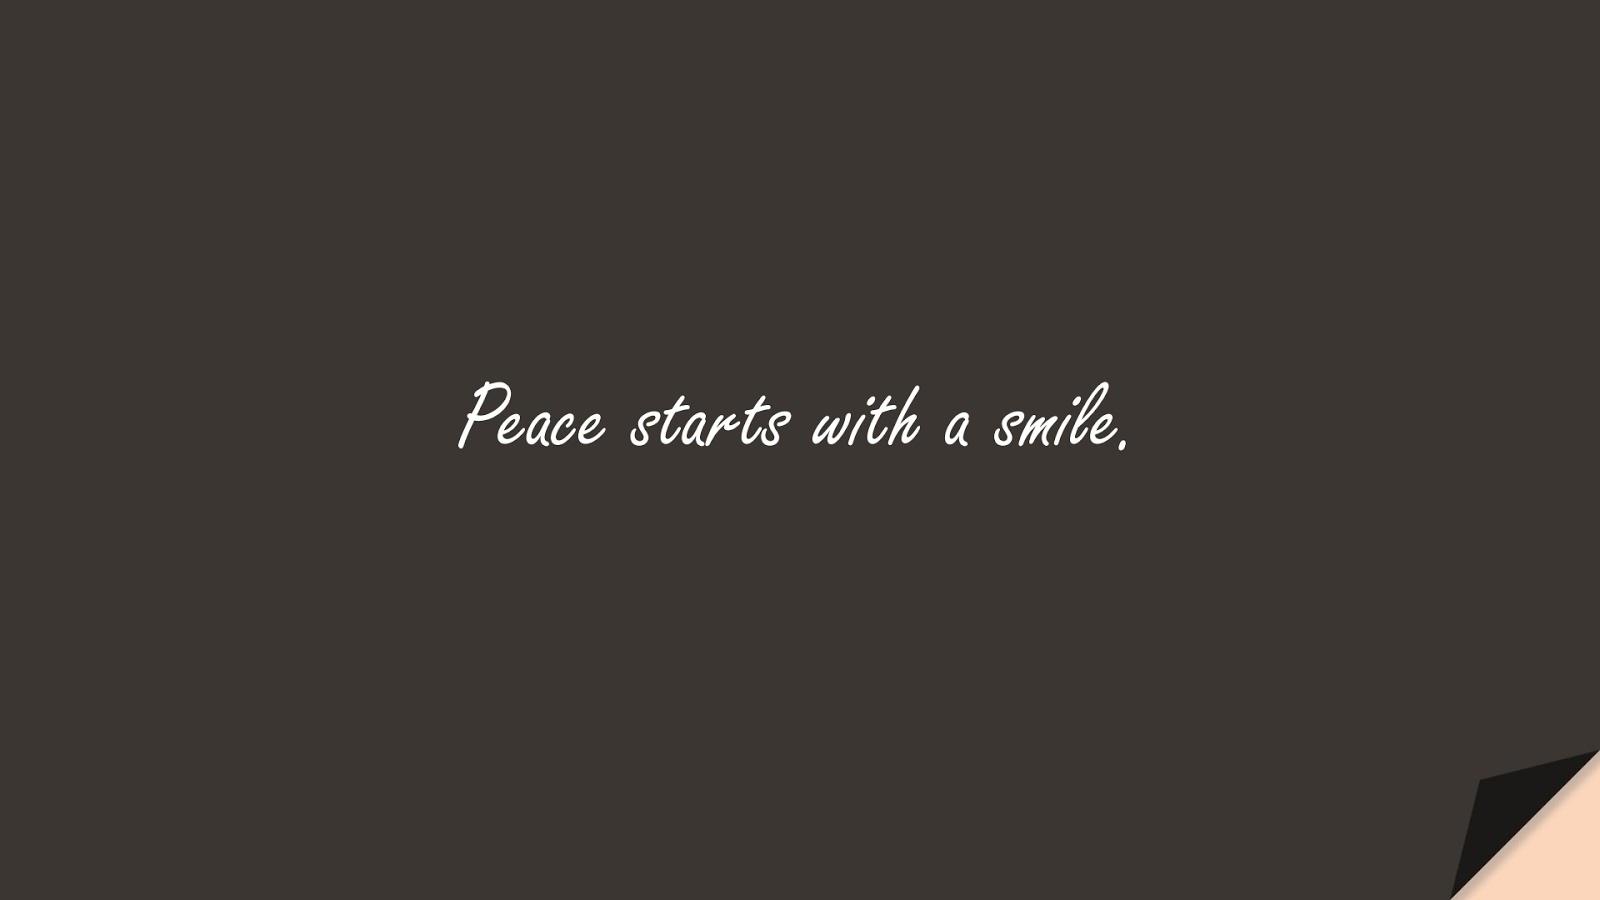 Peace starts with a smile.FALSE